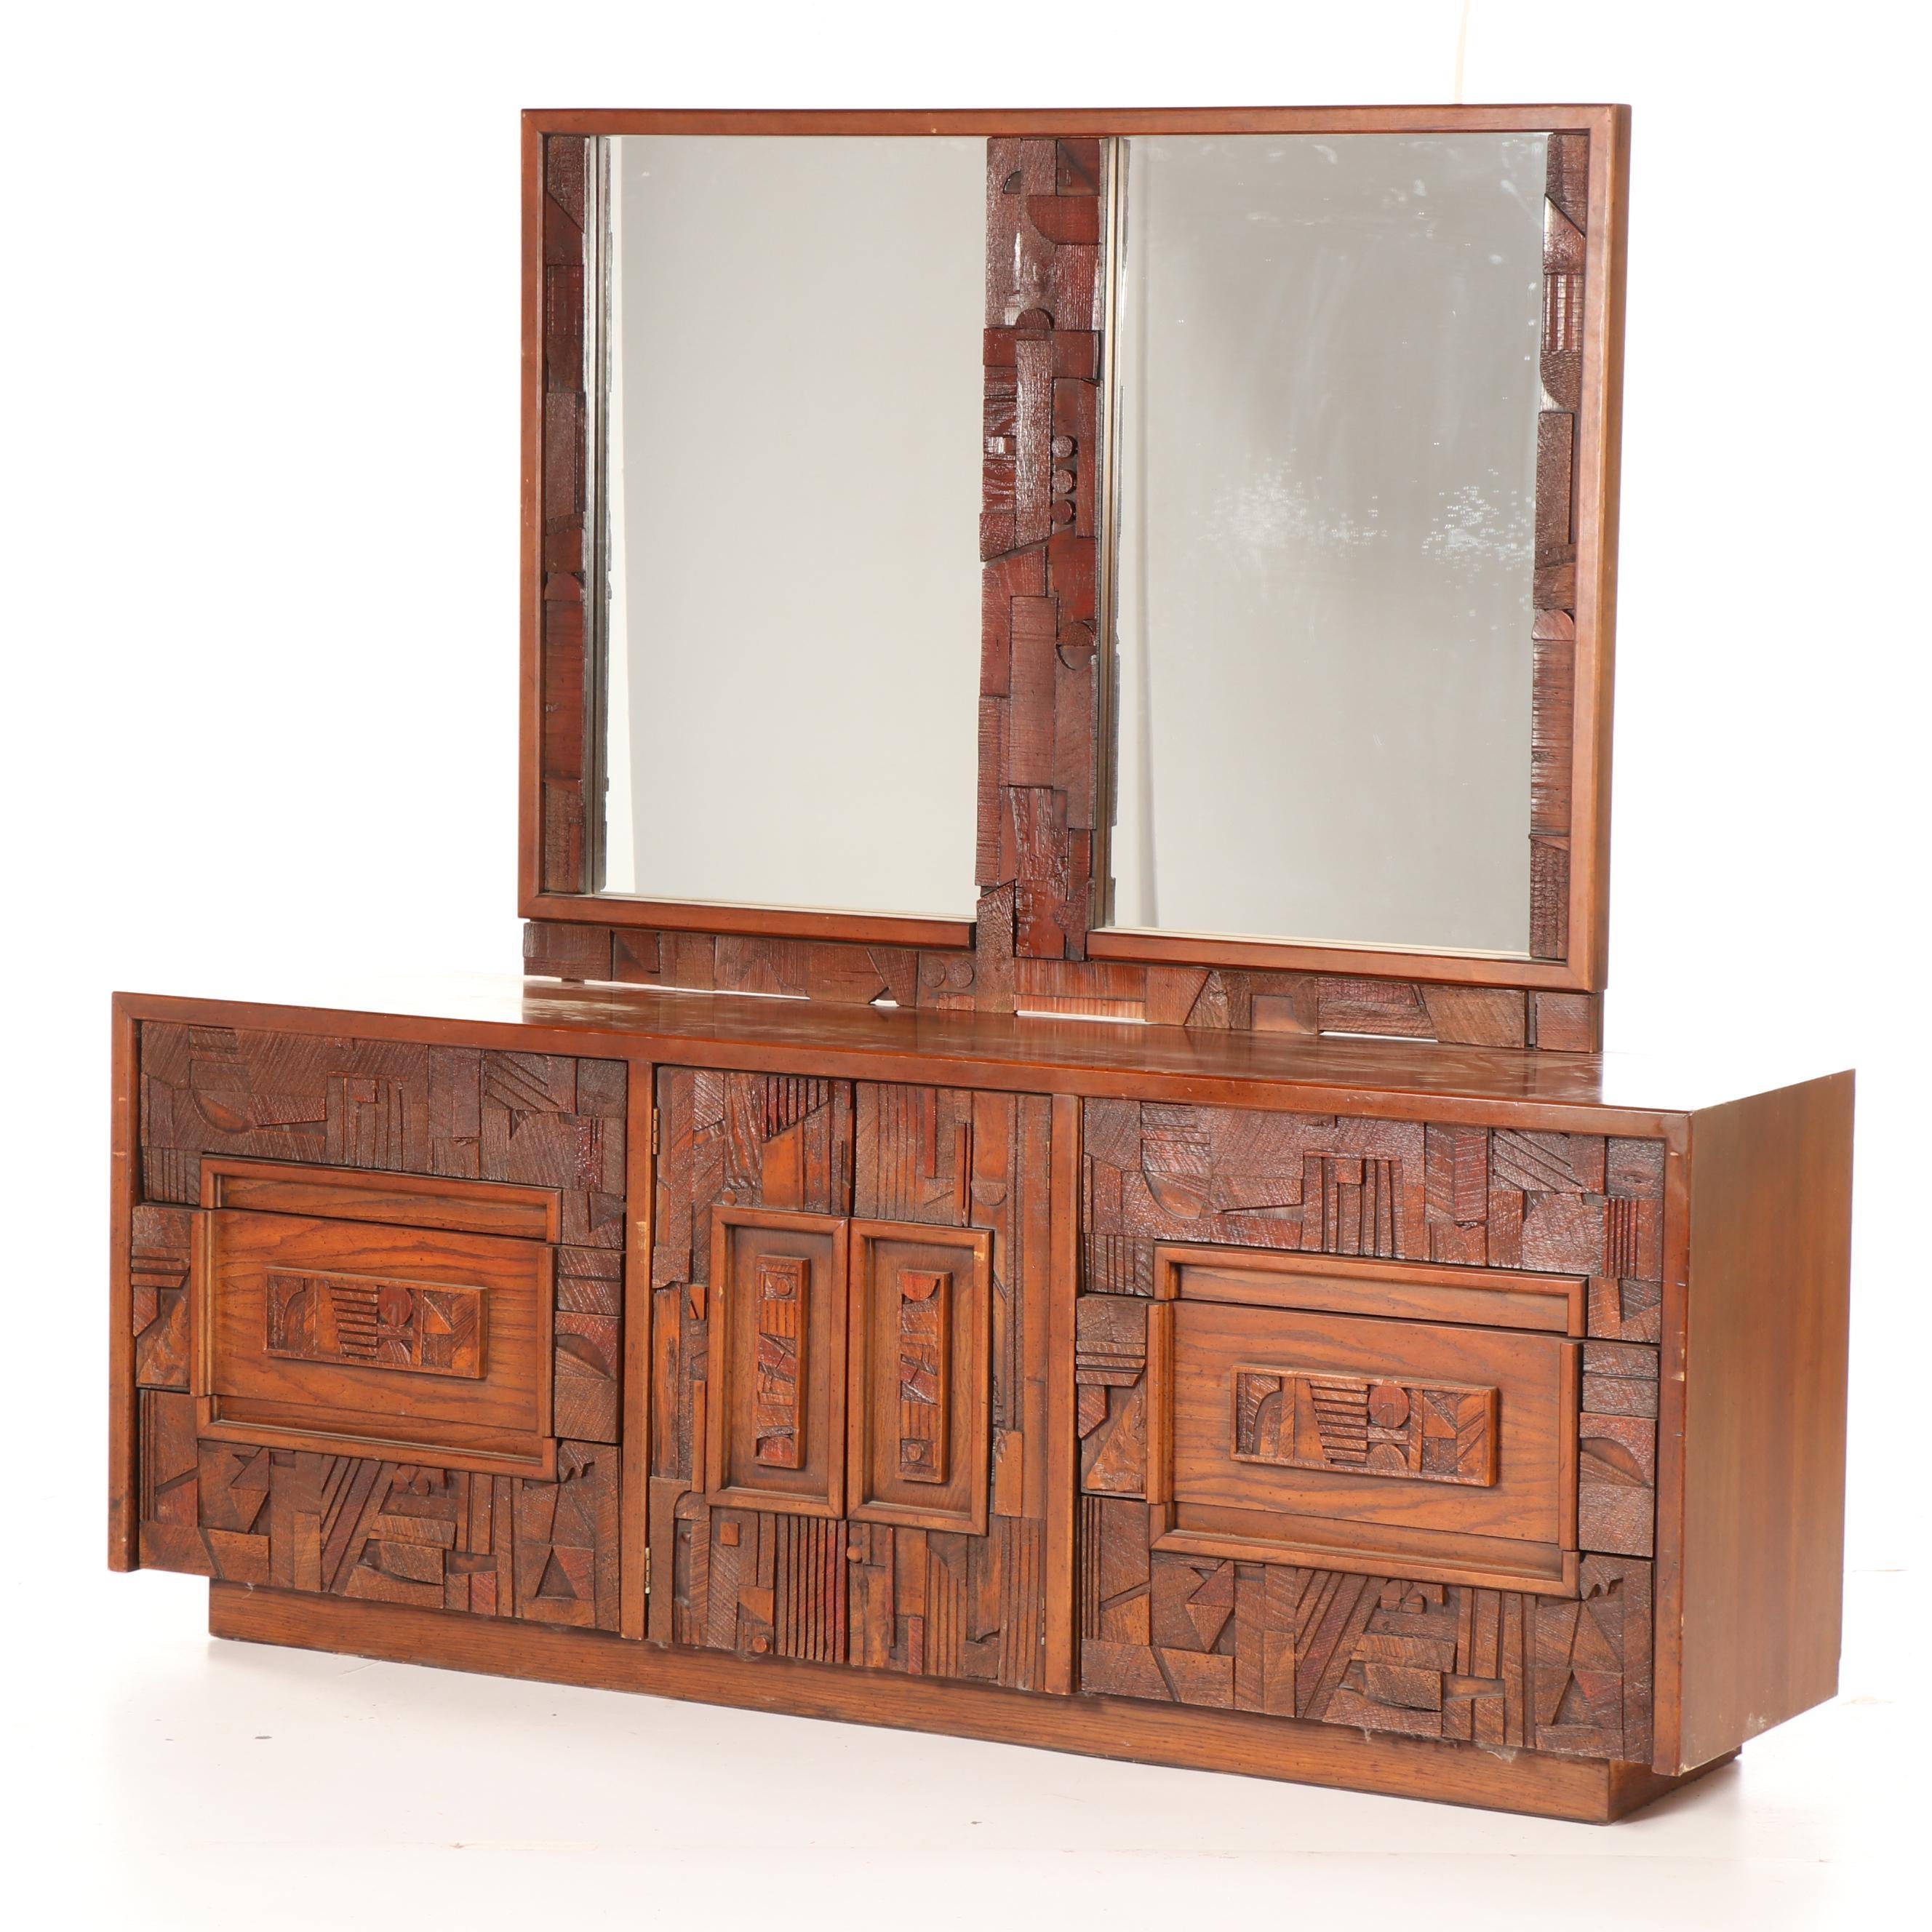 Pueblo Line Walnut Dresser with Mirror by Lane, Mid-20th Century